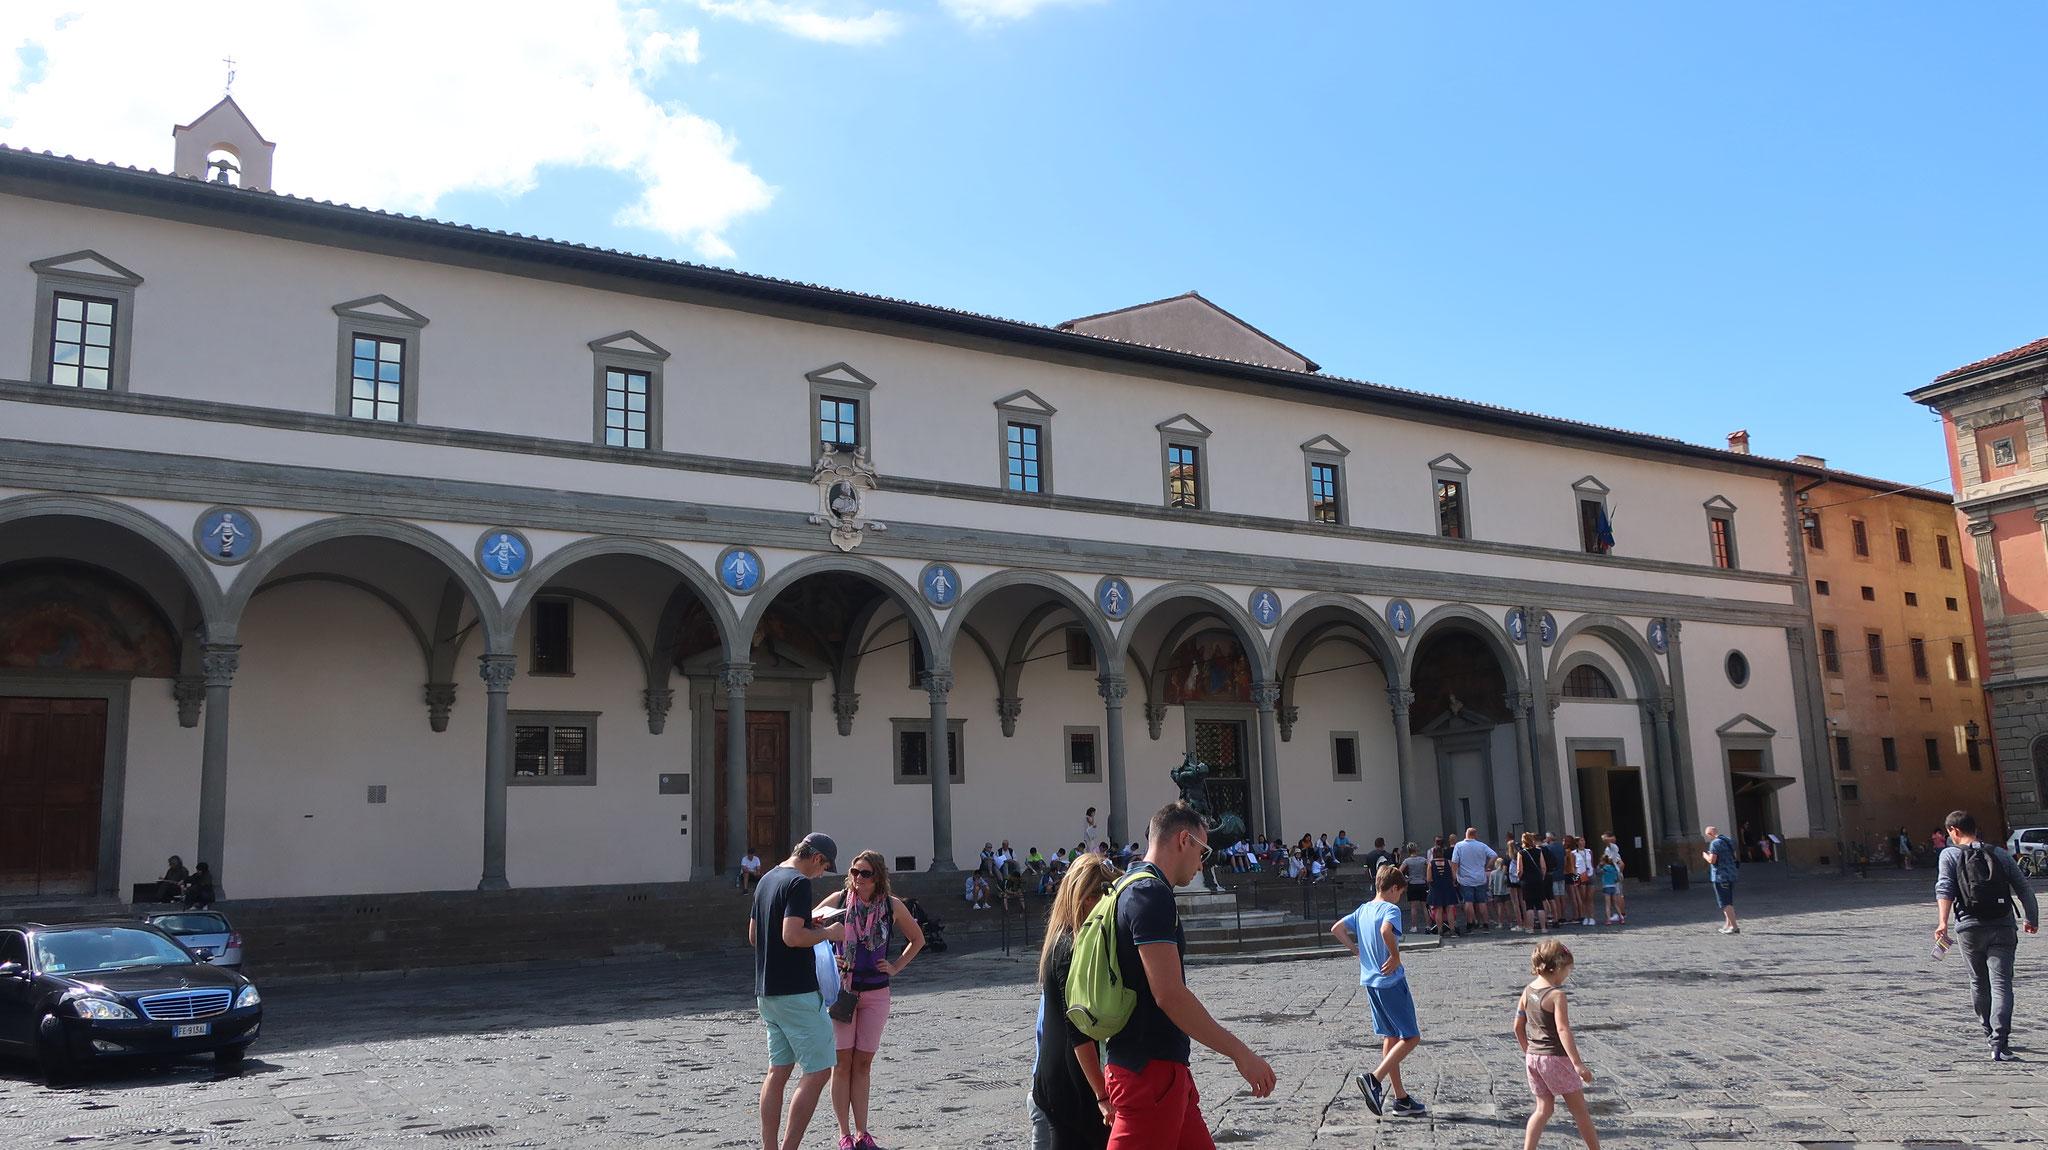 小児病院。ヨーロッパ最古の孤児院、15世紀。 ブルネッレスキが設計した、フィレンツェで最も初期のルネッサンス逮築。